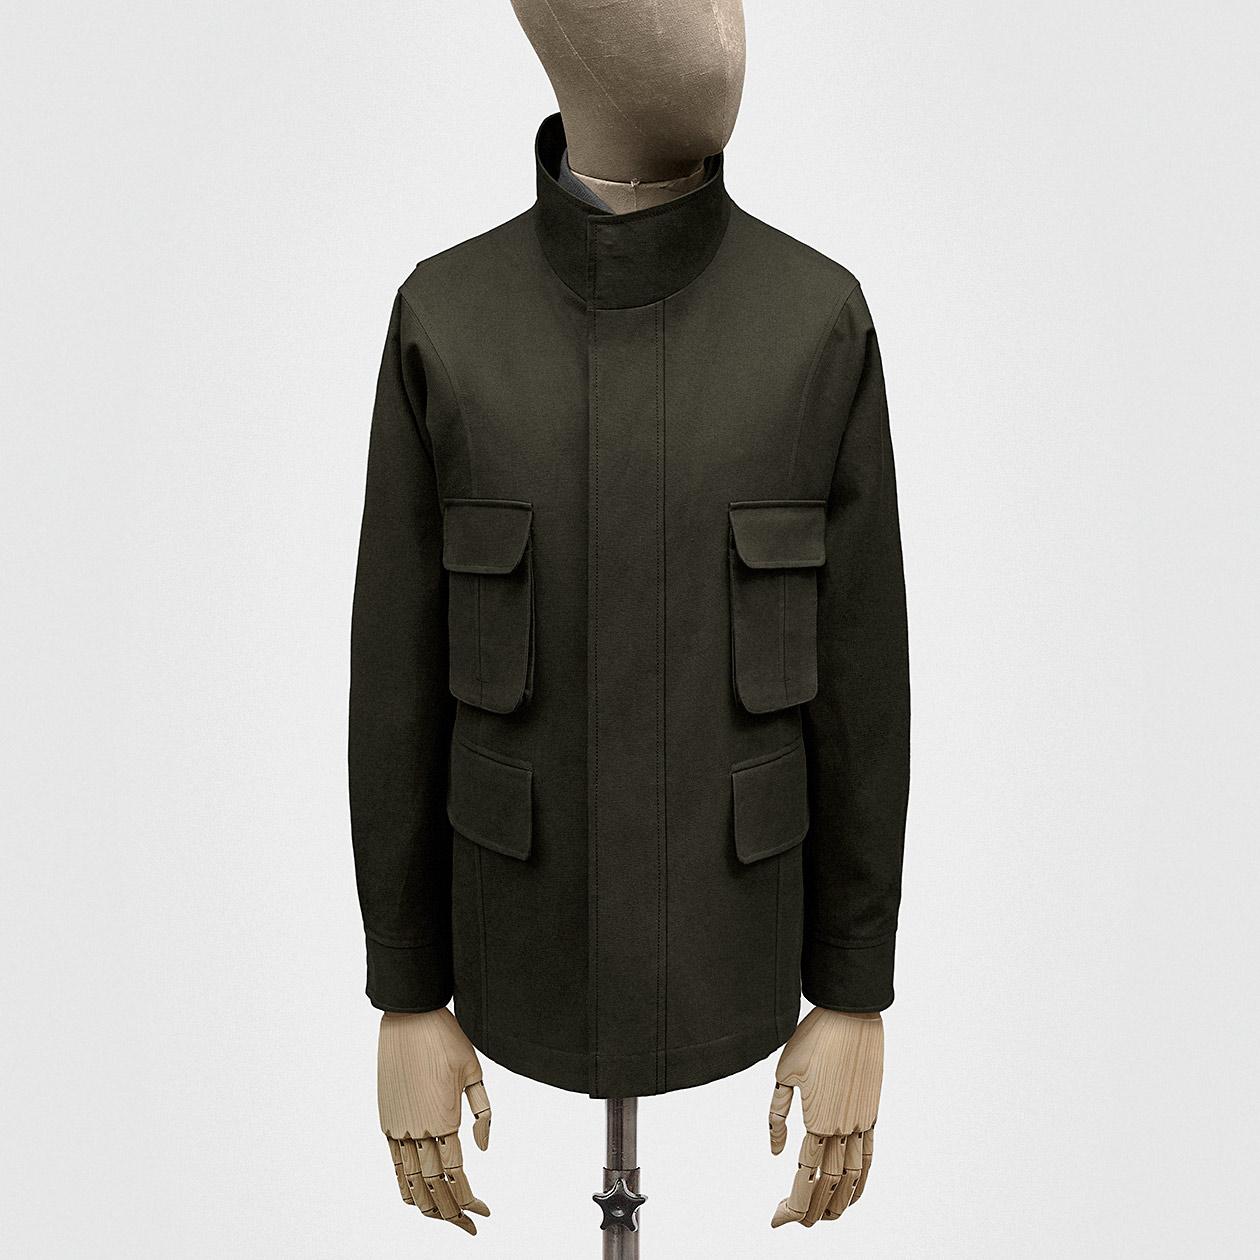 field-jacket-airweave-cotton-green-1@2x.jpg